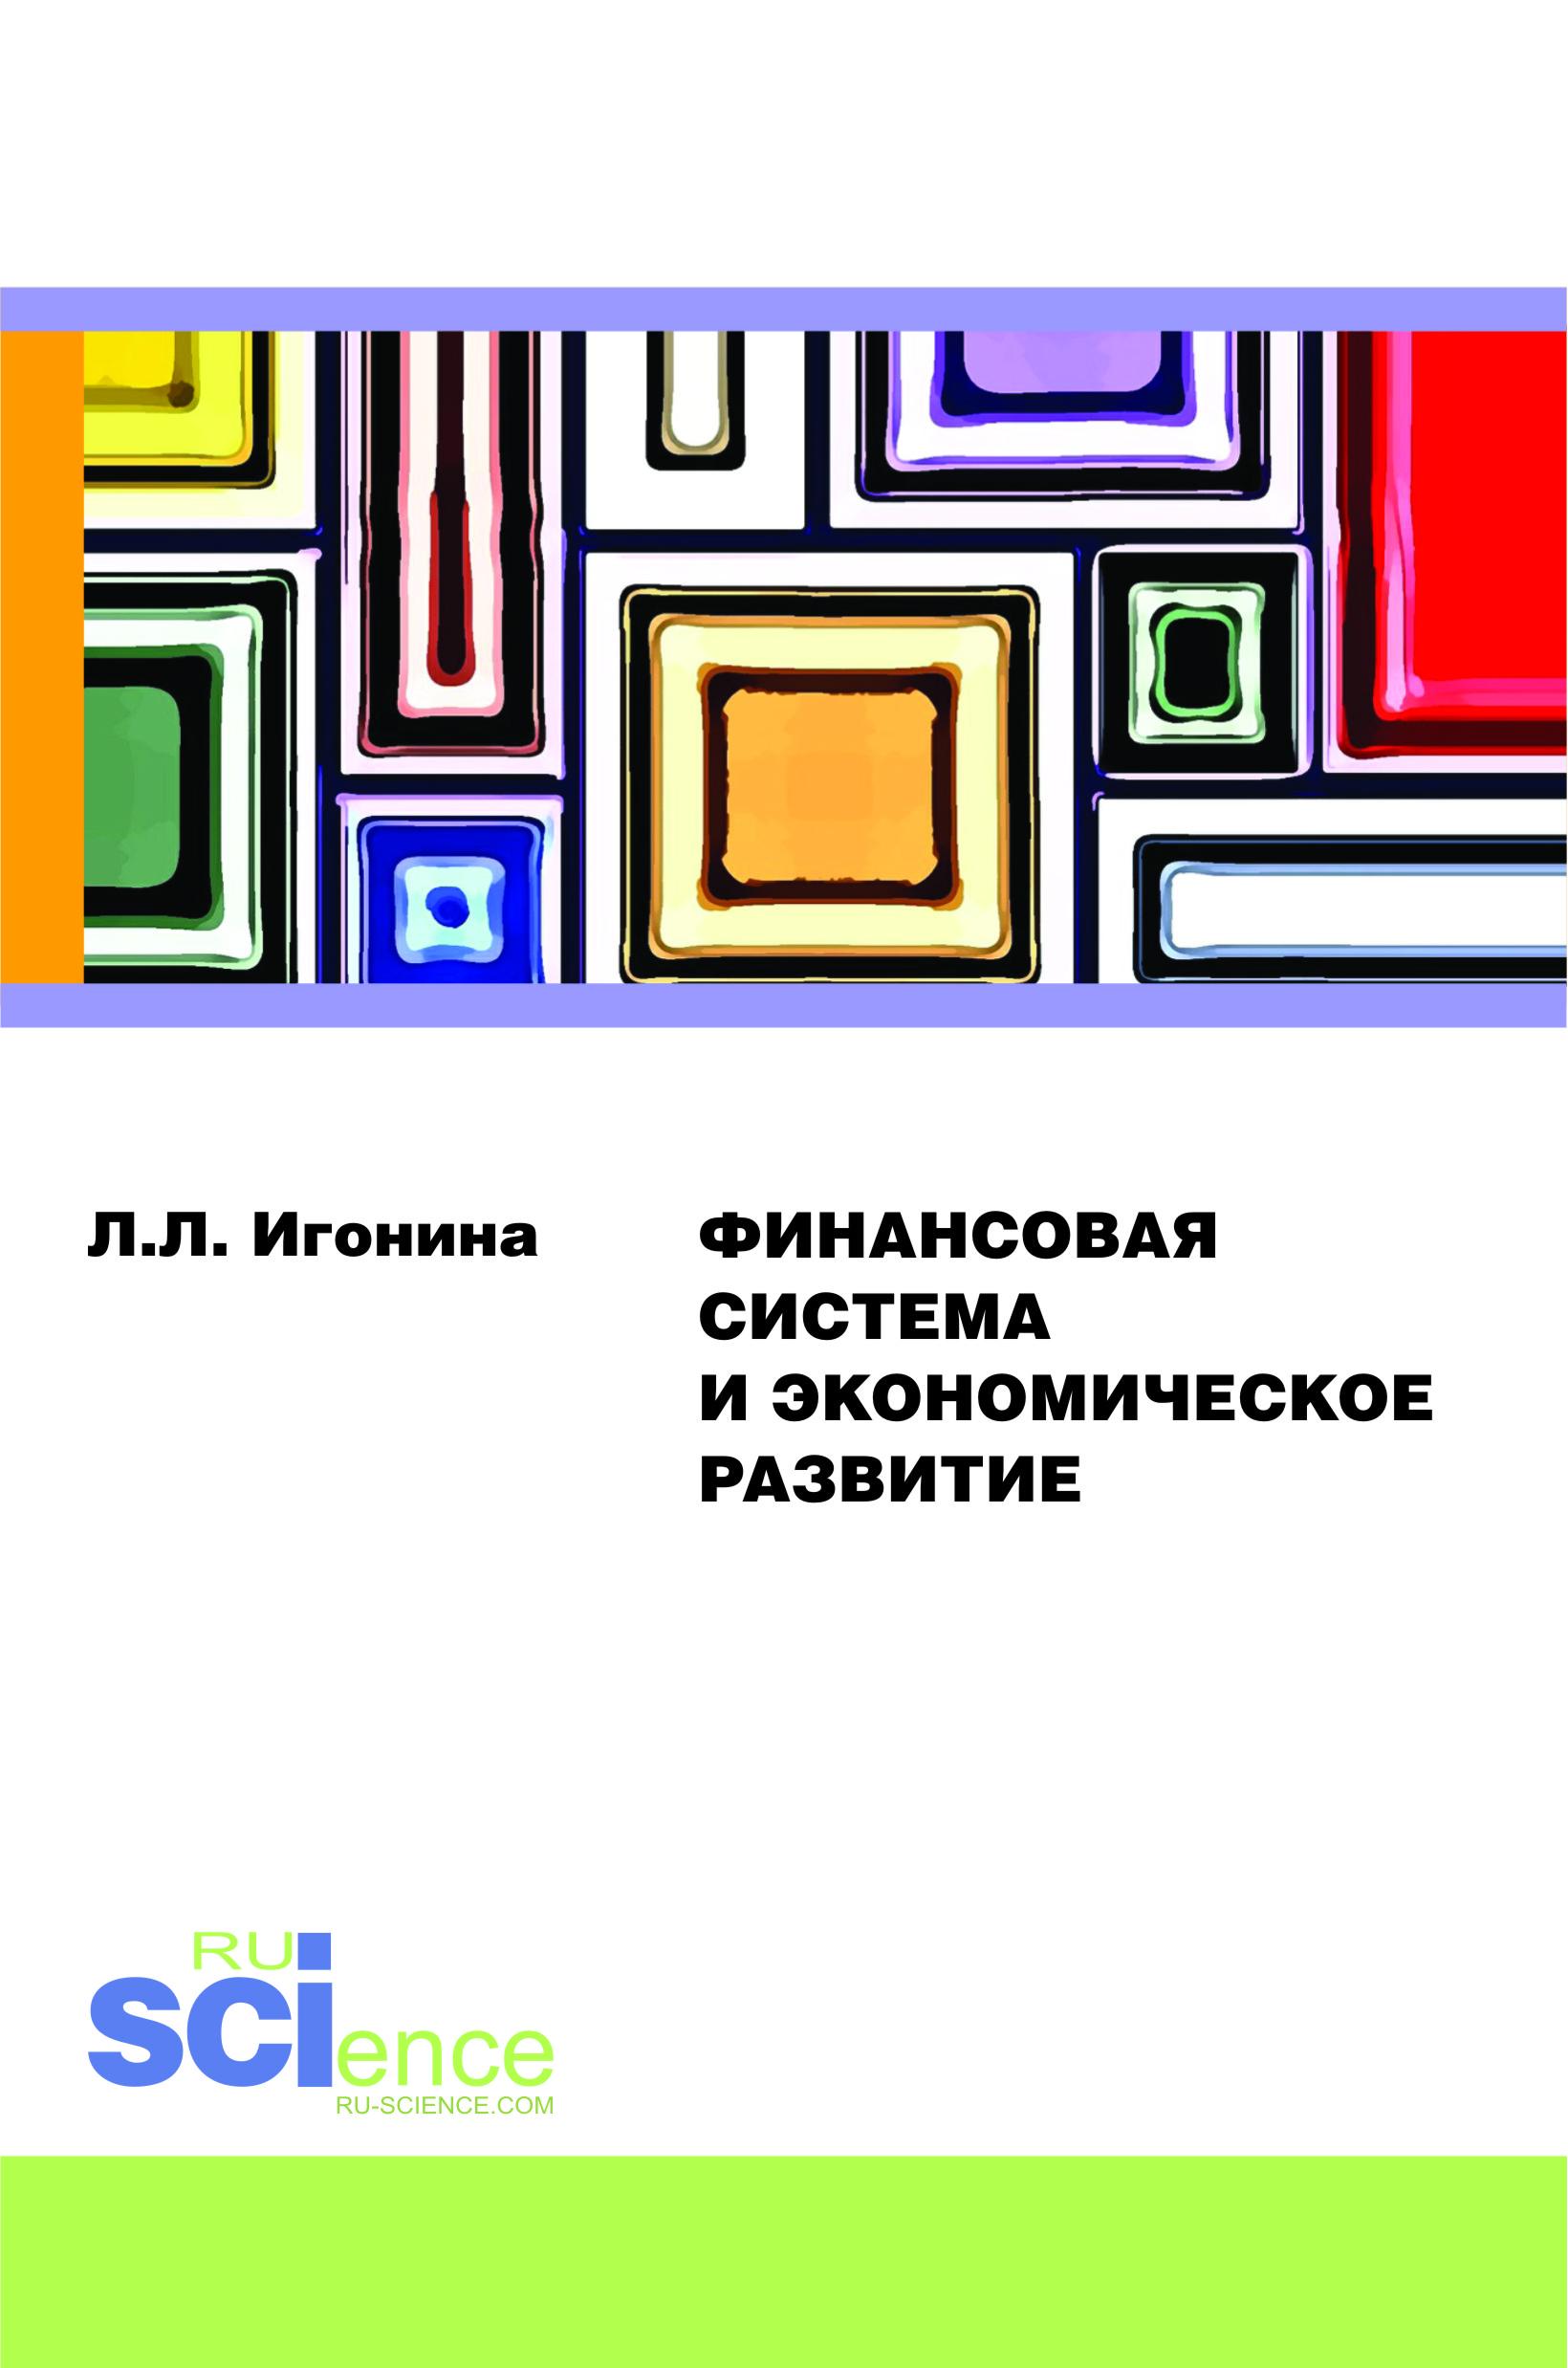 Финансовая система и экономическое развитие. Монография